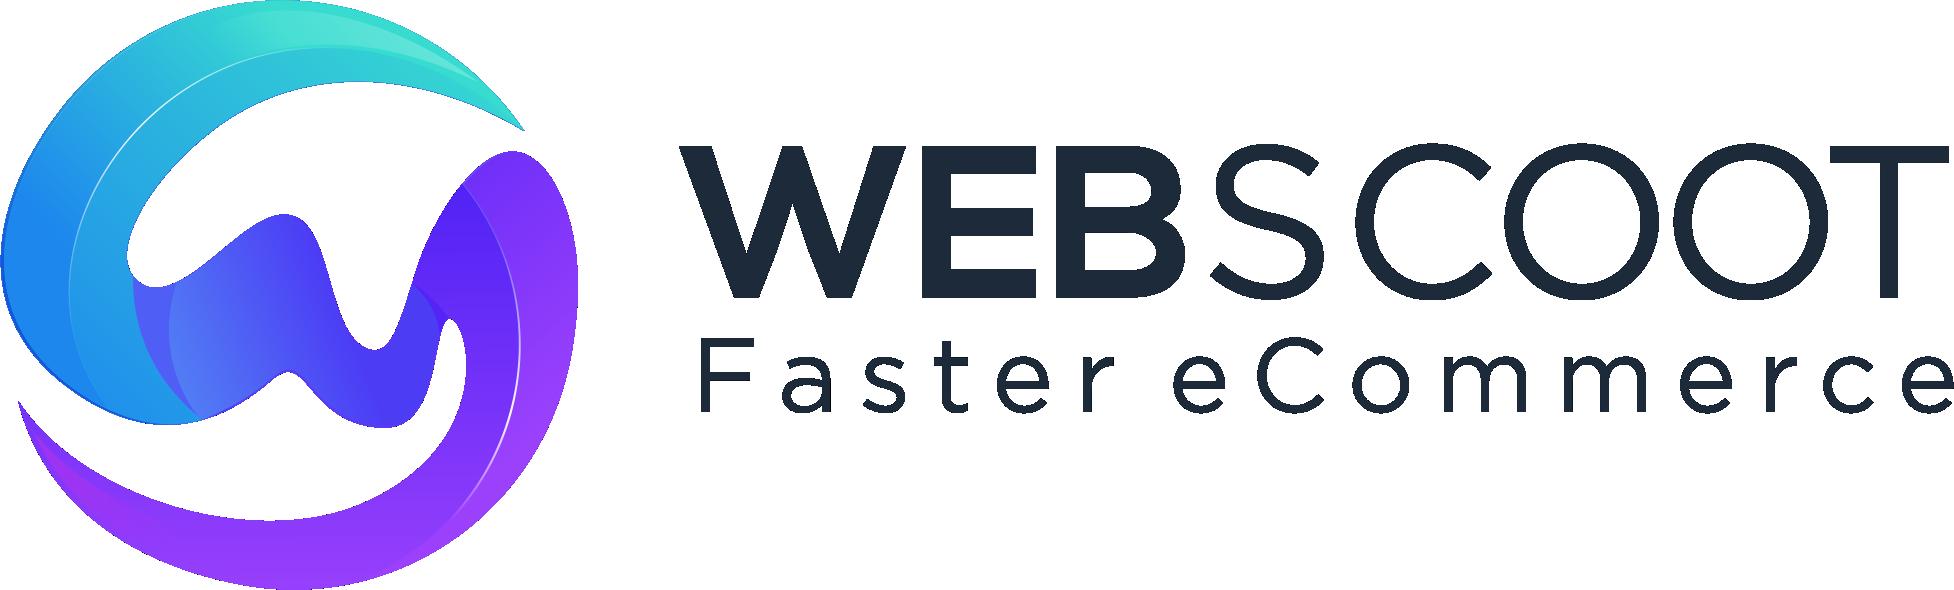 Webscoot